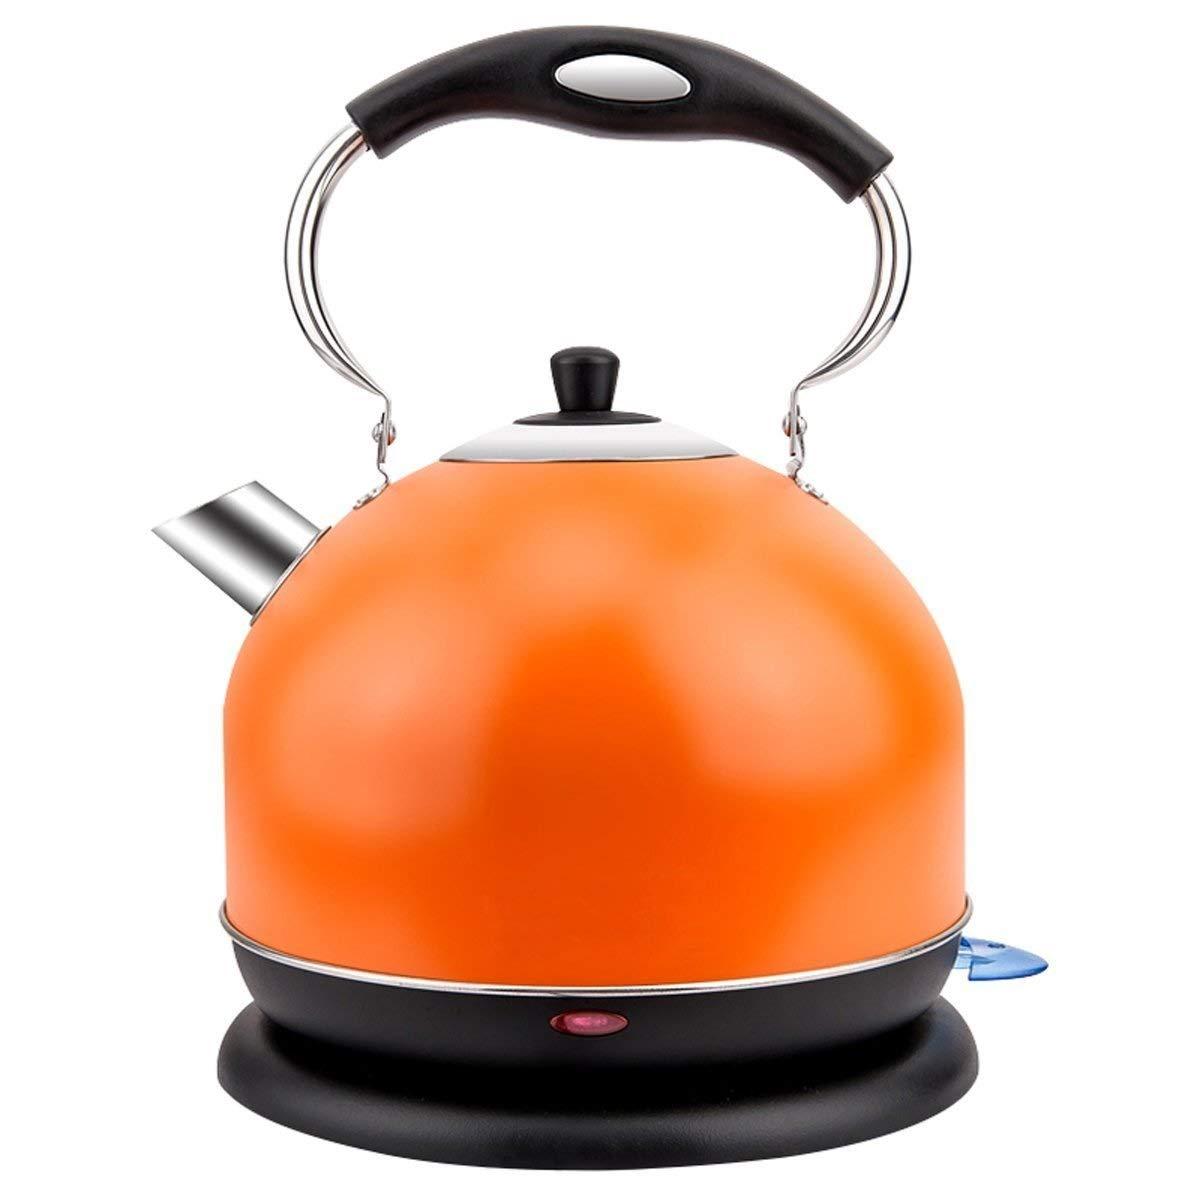 多様な 電気やかん304ステンレス鋼のやかん Orange)、自動絶縁材、自動電源オフ、大容量の反燃焼の乾いた電気やかん (色 (色 : : Orange) Orange B07NTSGM6F, 玄関ドアプロショップ:e7fff952 --- agiven.com